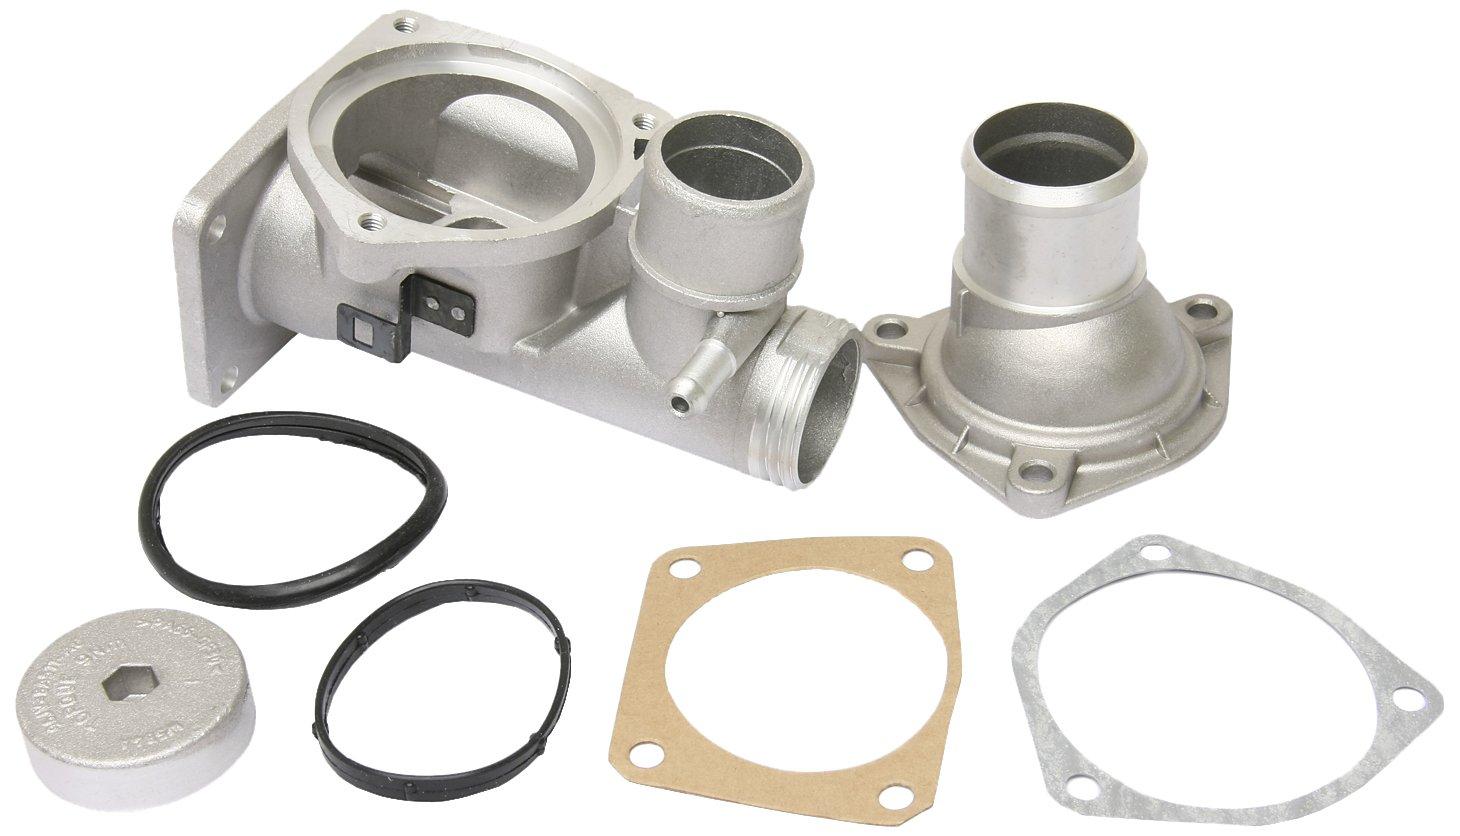 URO Parts AJ82217KIT Aluminum T-Stat Housing and Cover Kit AJ82217KIT-PRM